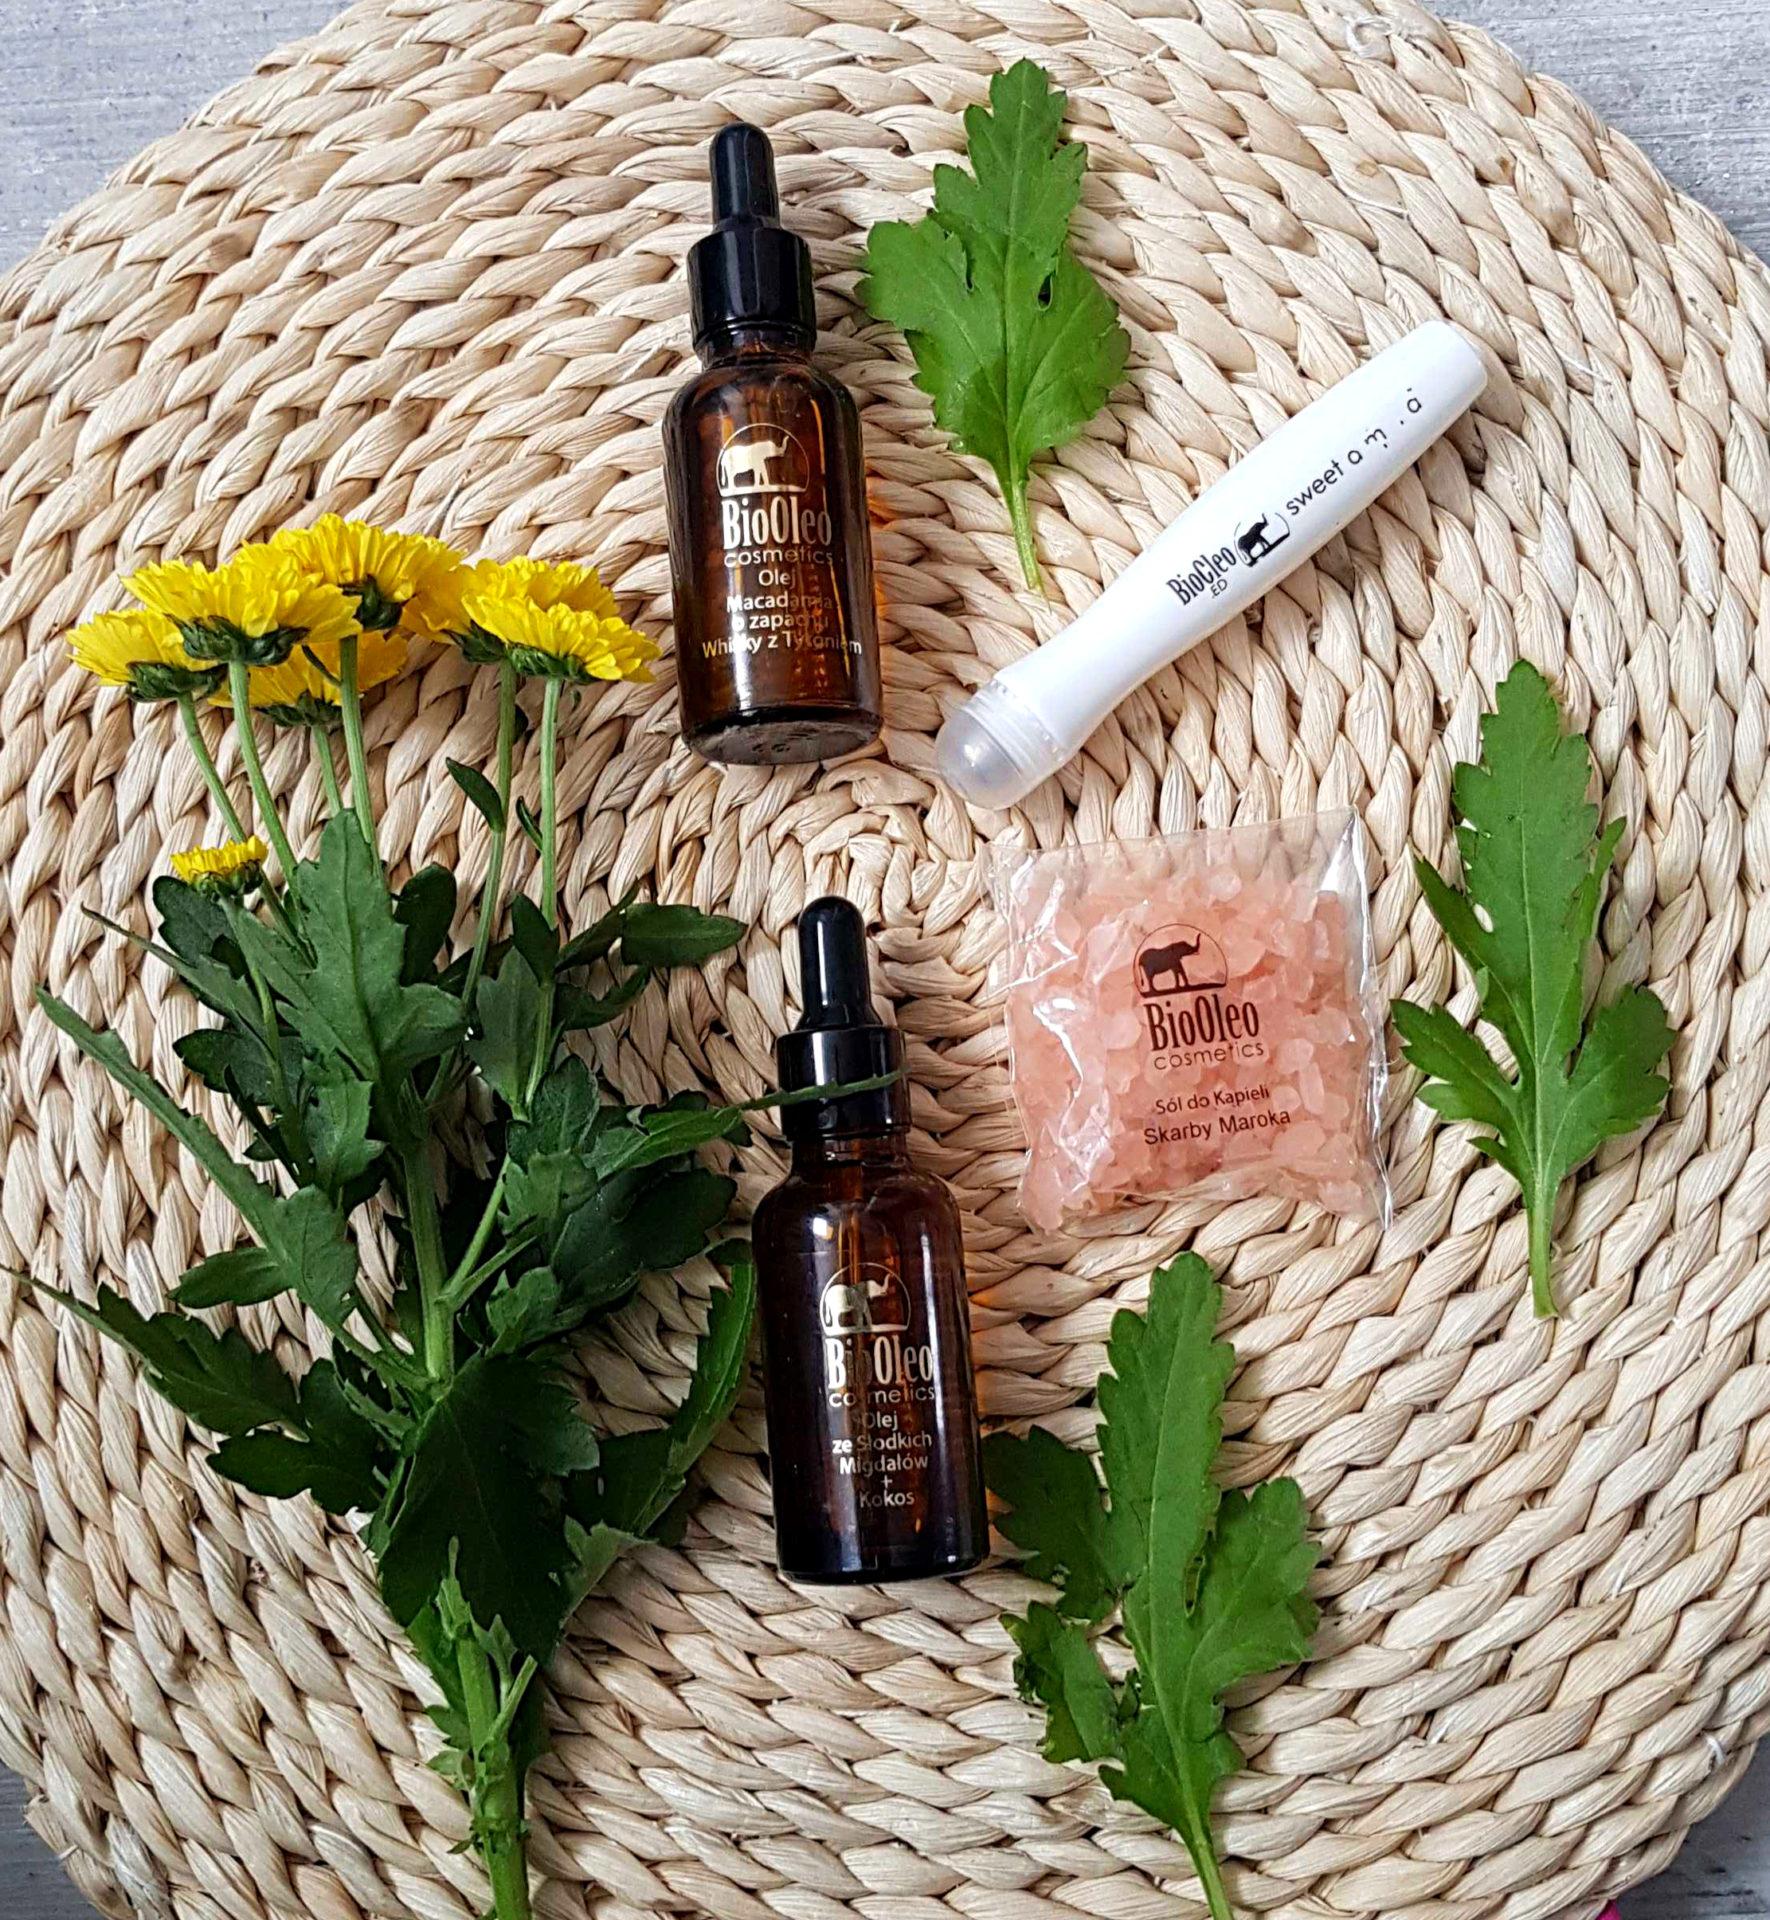 Recenzja kosmetyków Bio Oleo